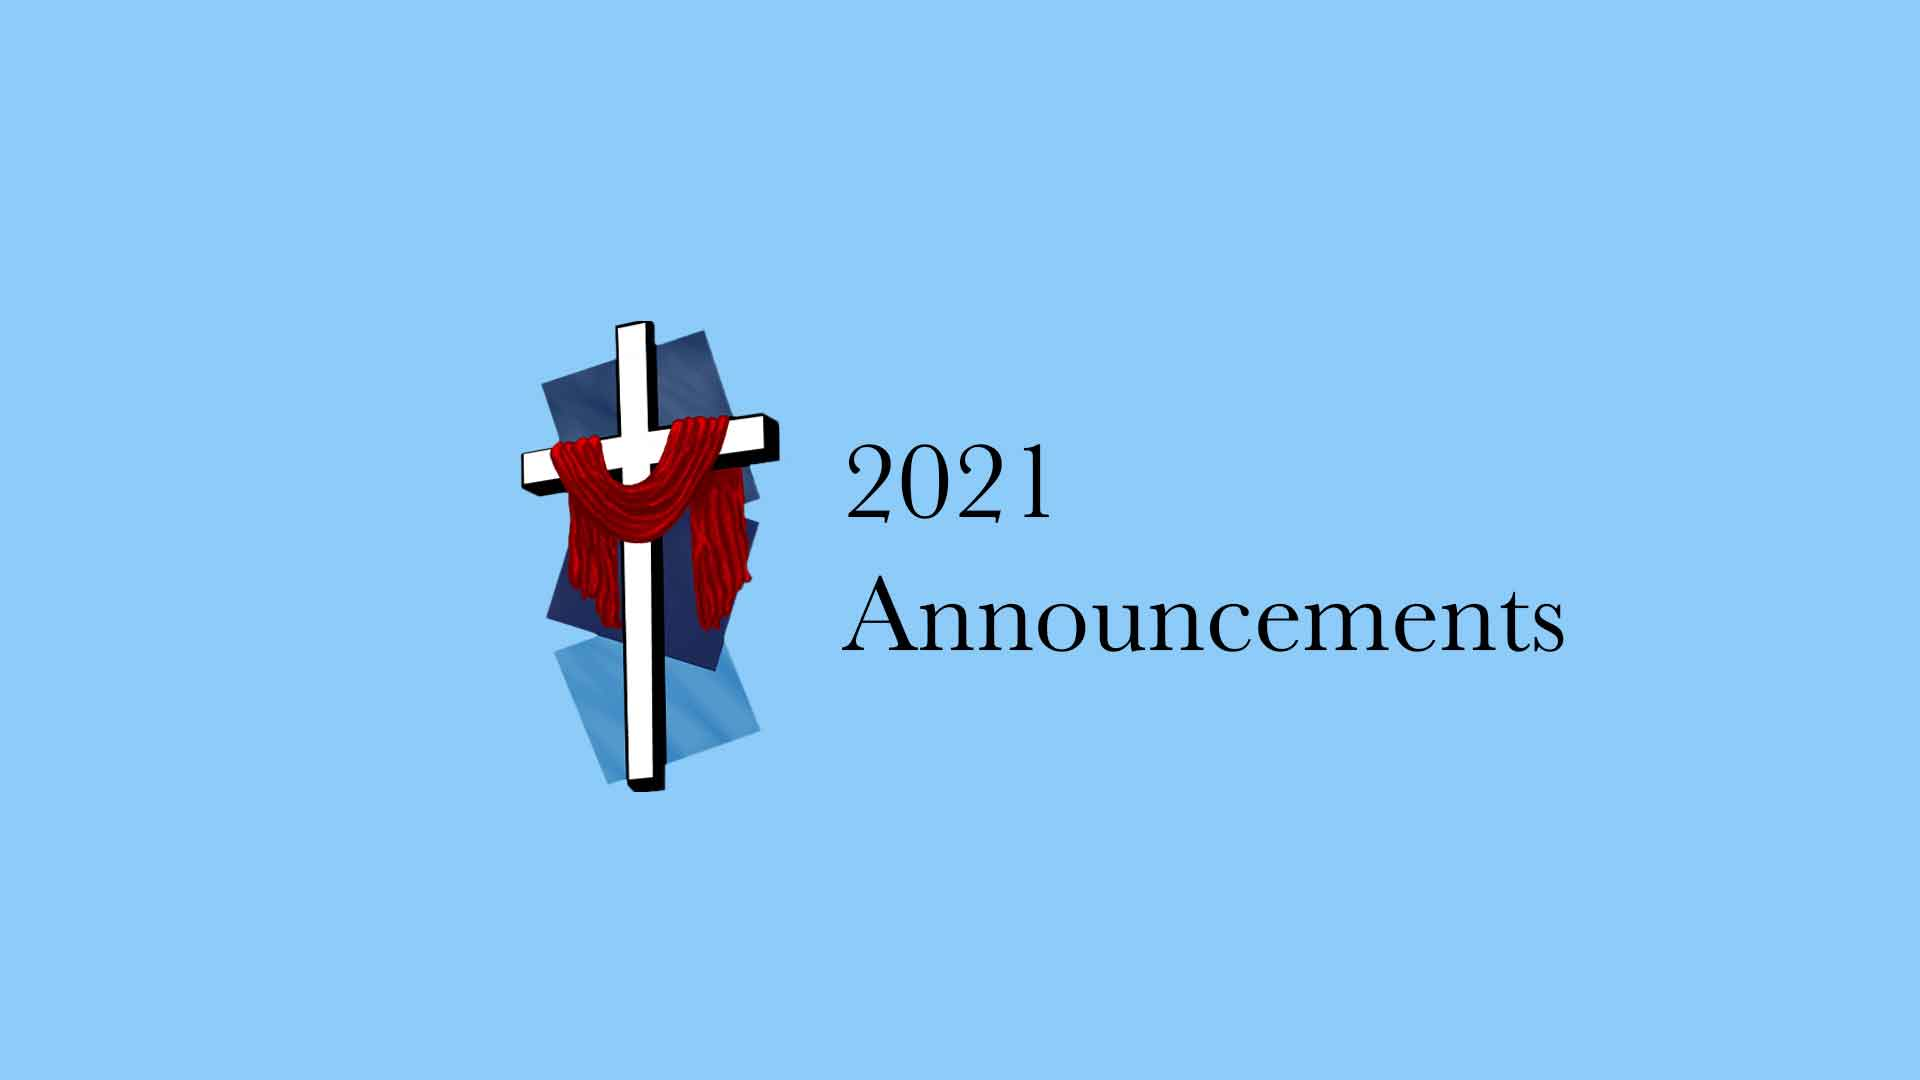 2021 Announcements